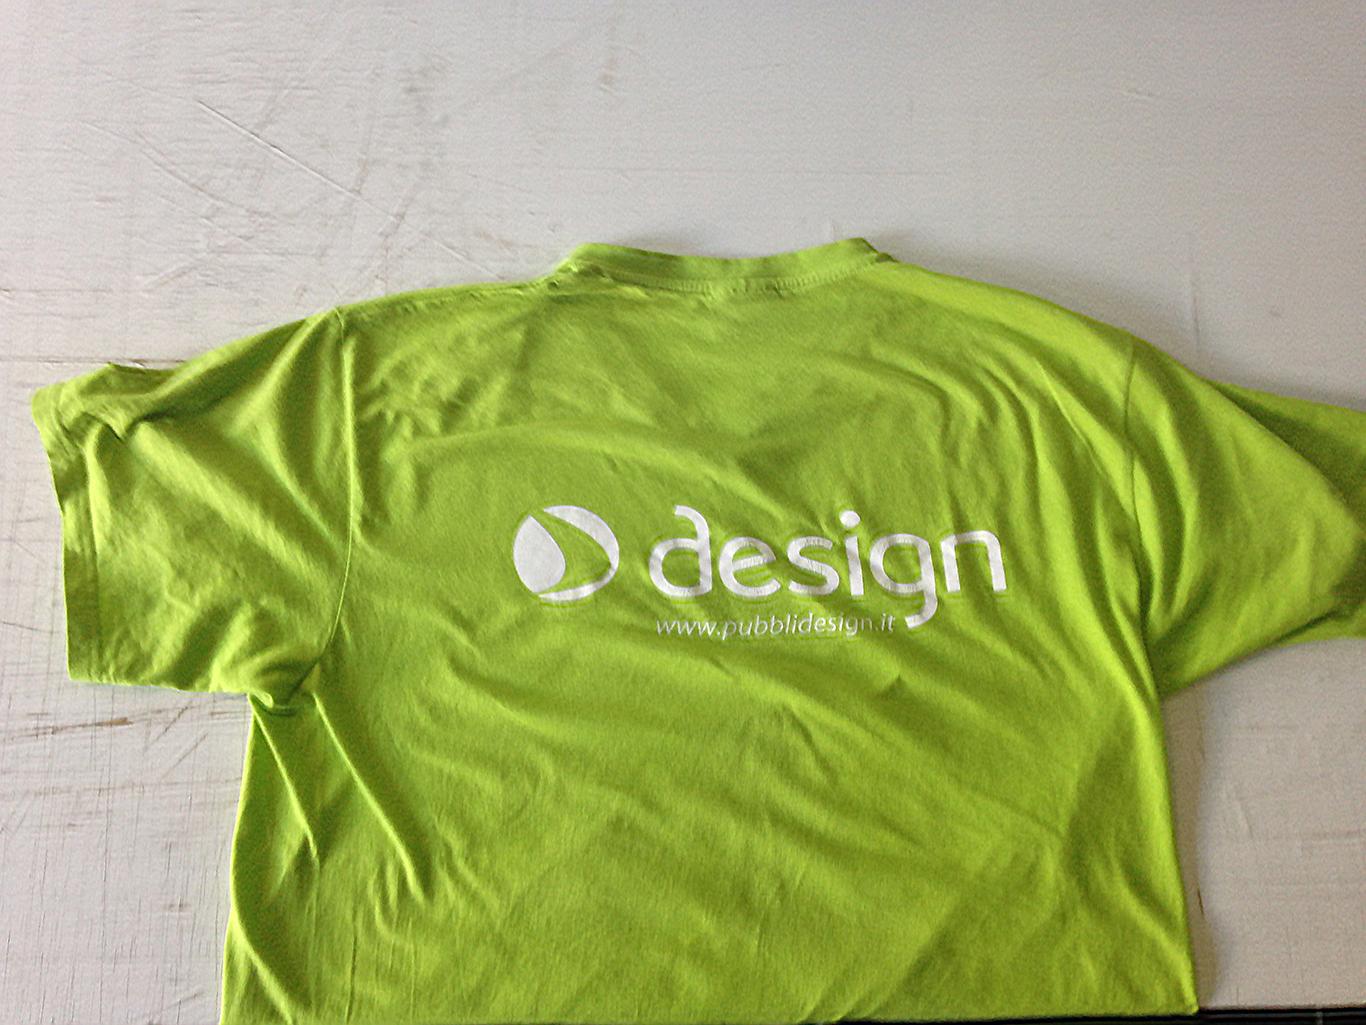 Abbigliamento personalizzato  T-Shirt personalizzata 52a38b47328